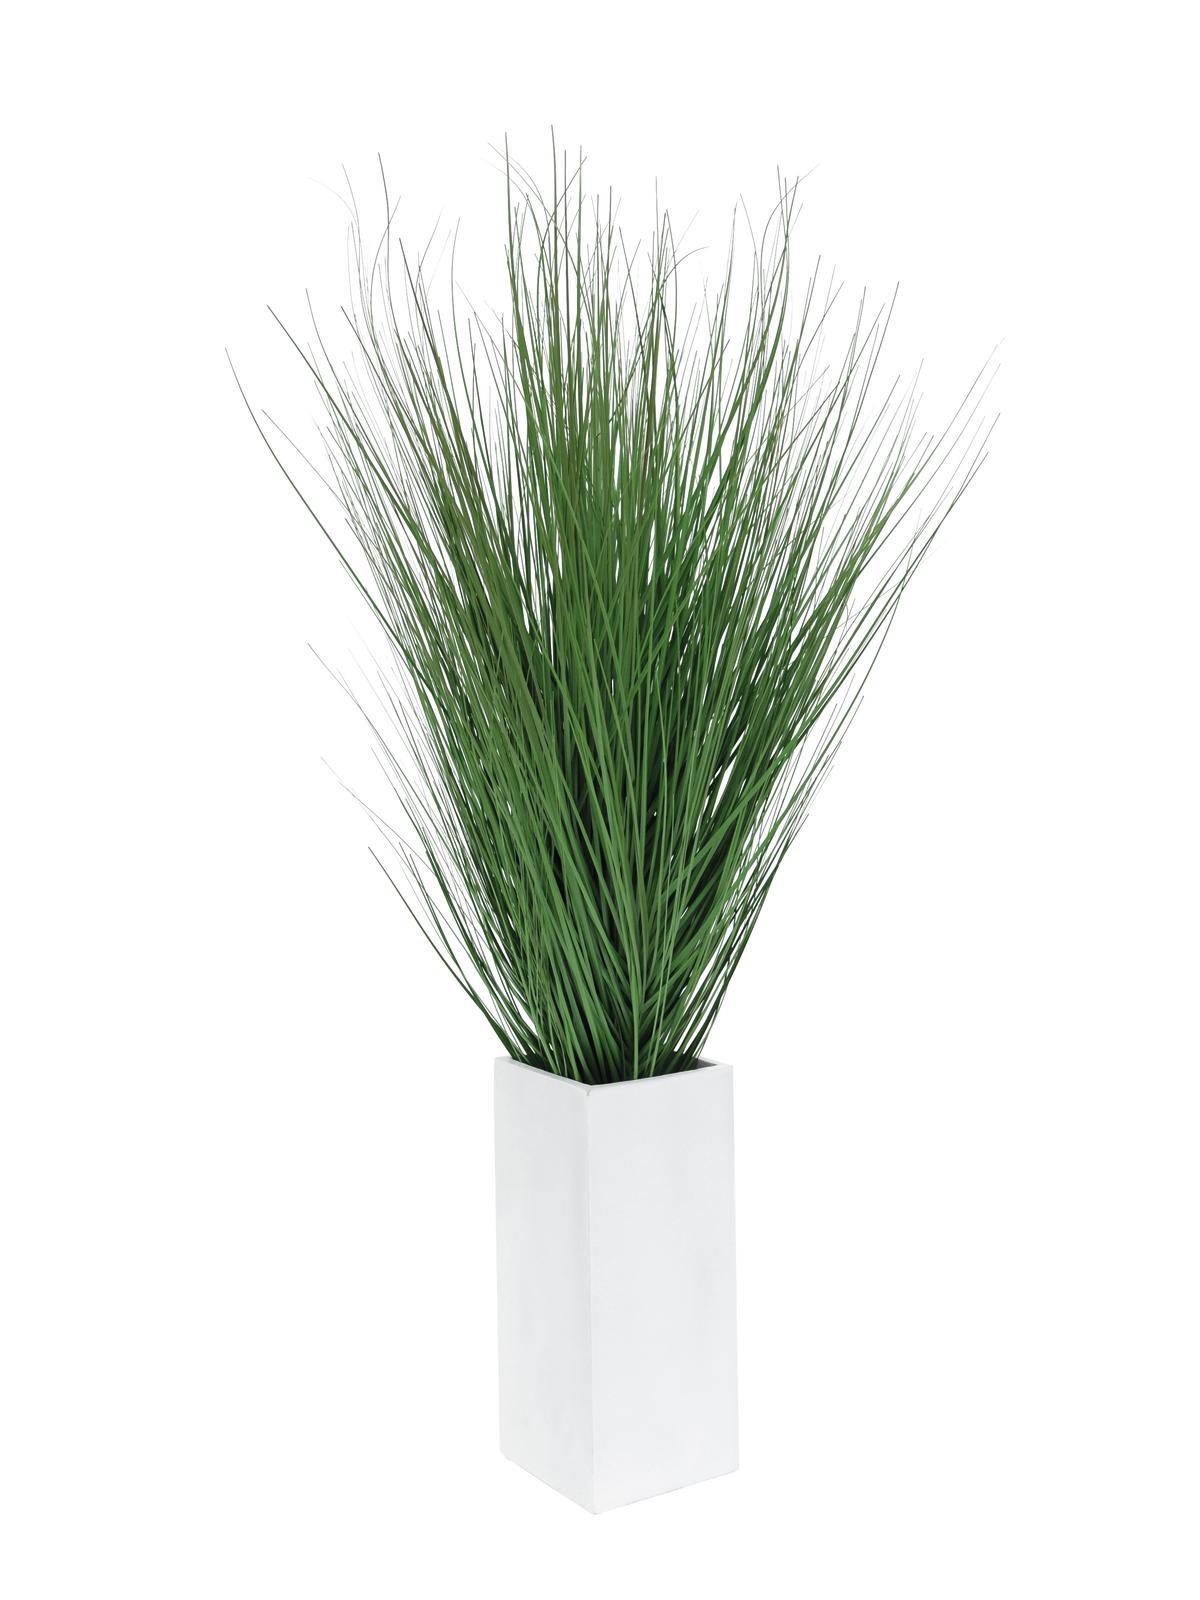 Billede af Kunstig Dune grass, 95cm